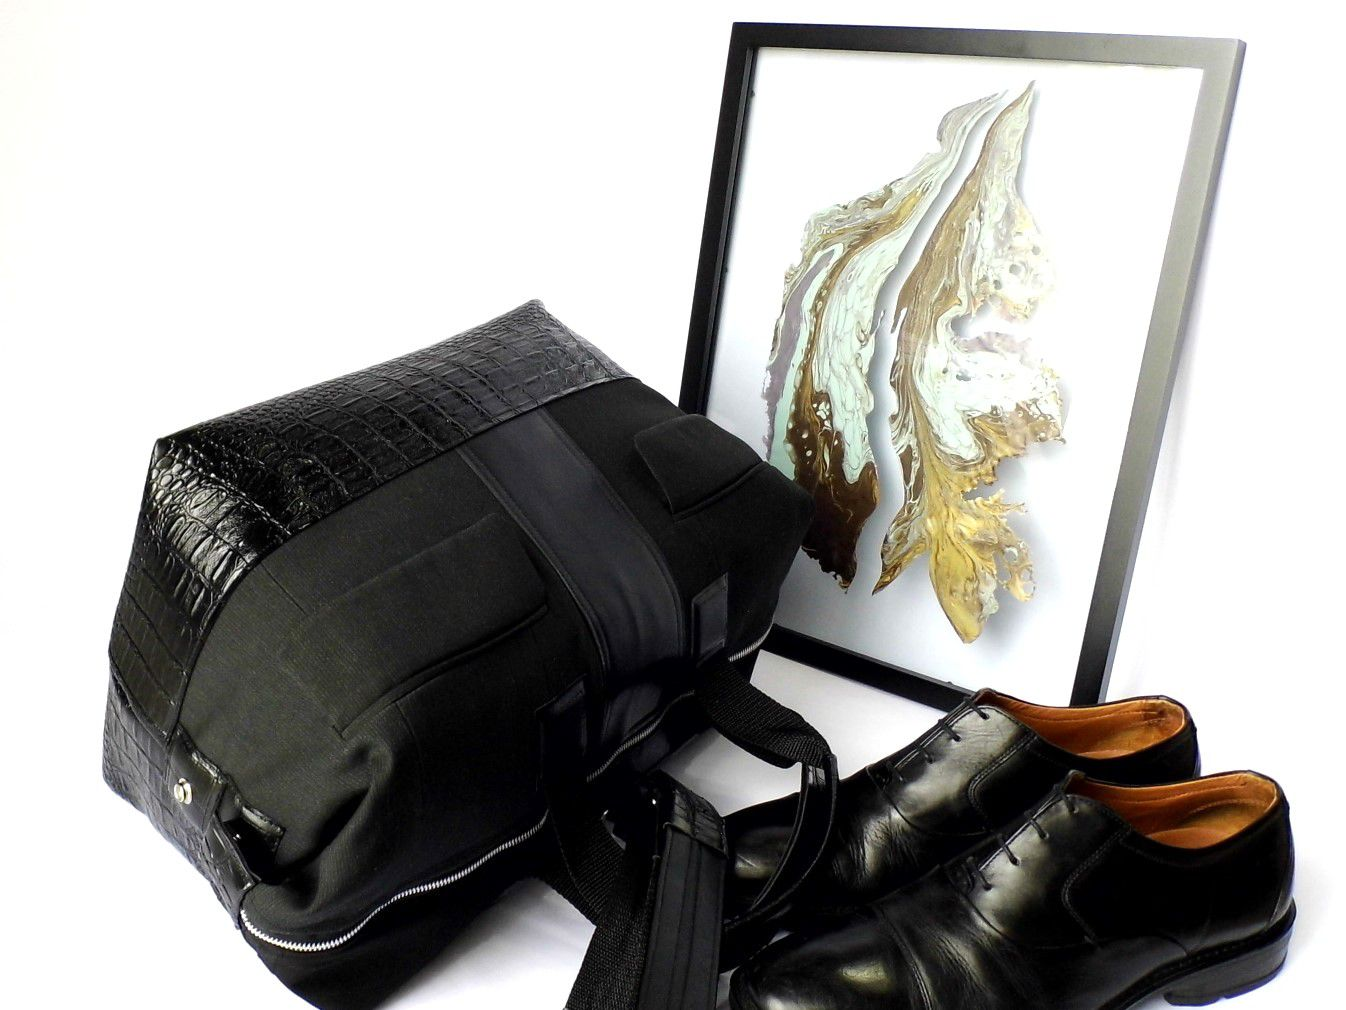 uniquegift handmade gennhaio fauxleather giftforher giftforhim giftideas overnightbag weekenderbag travelbag